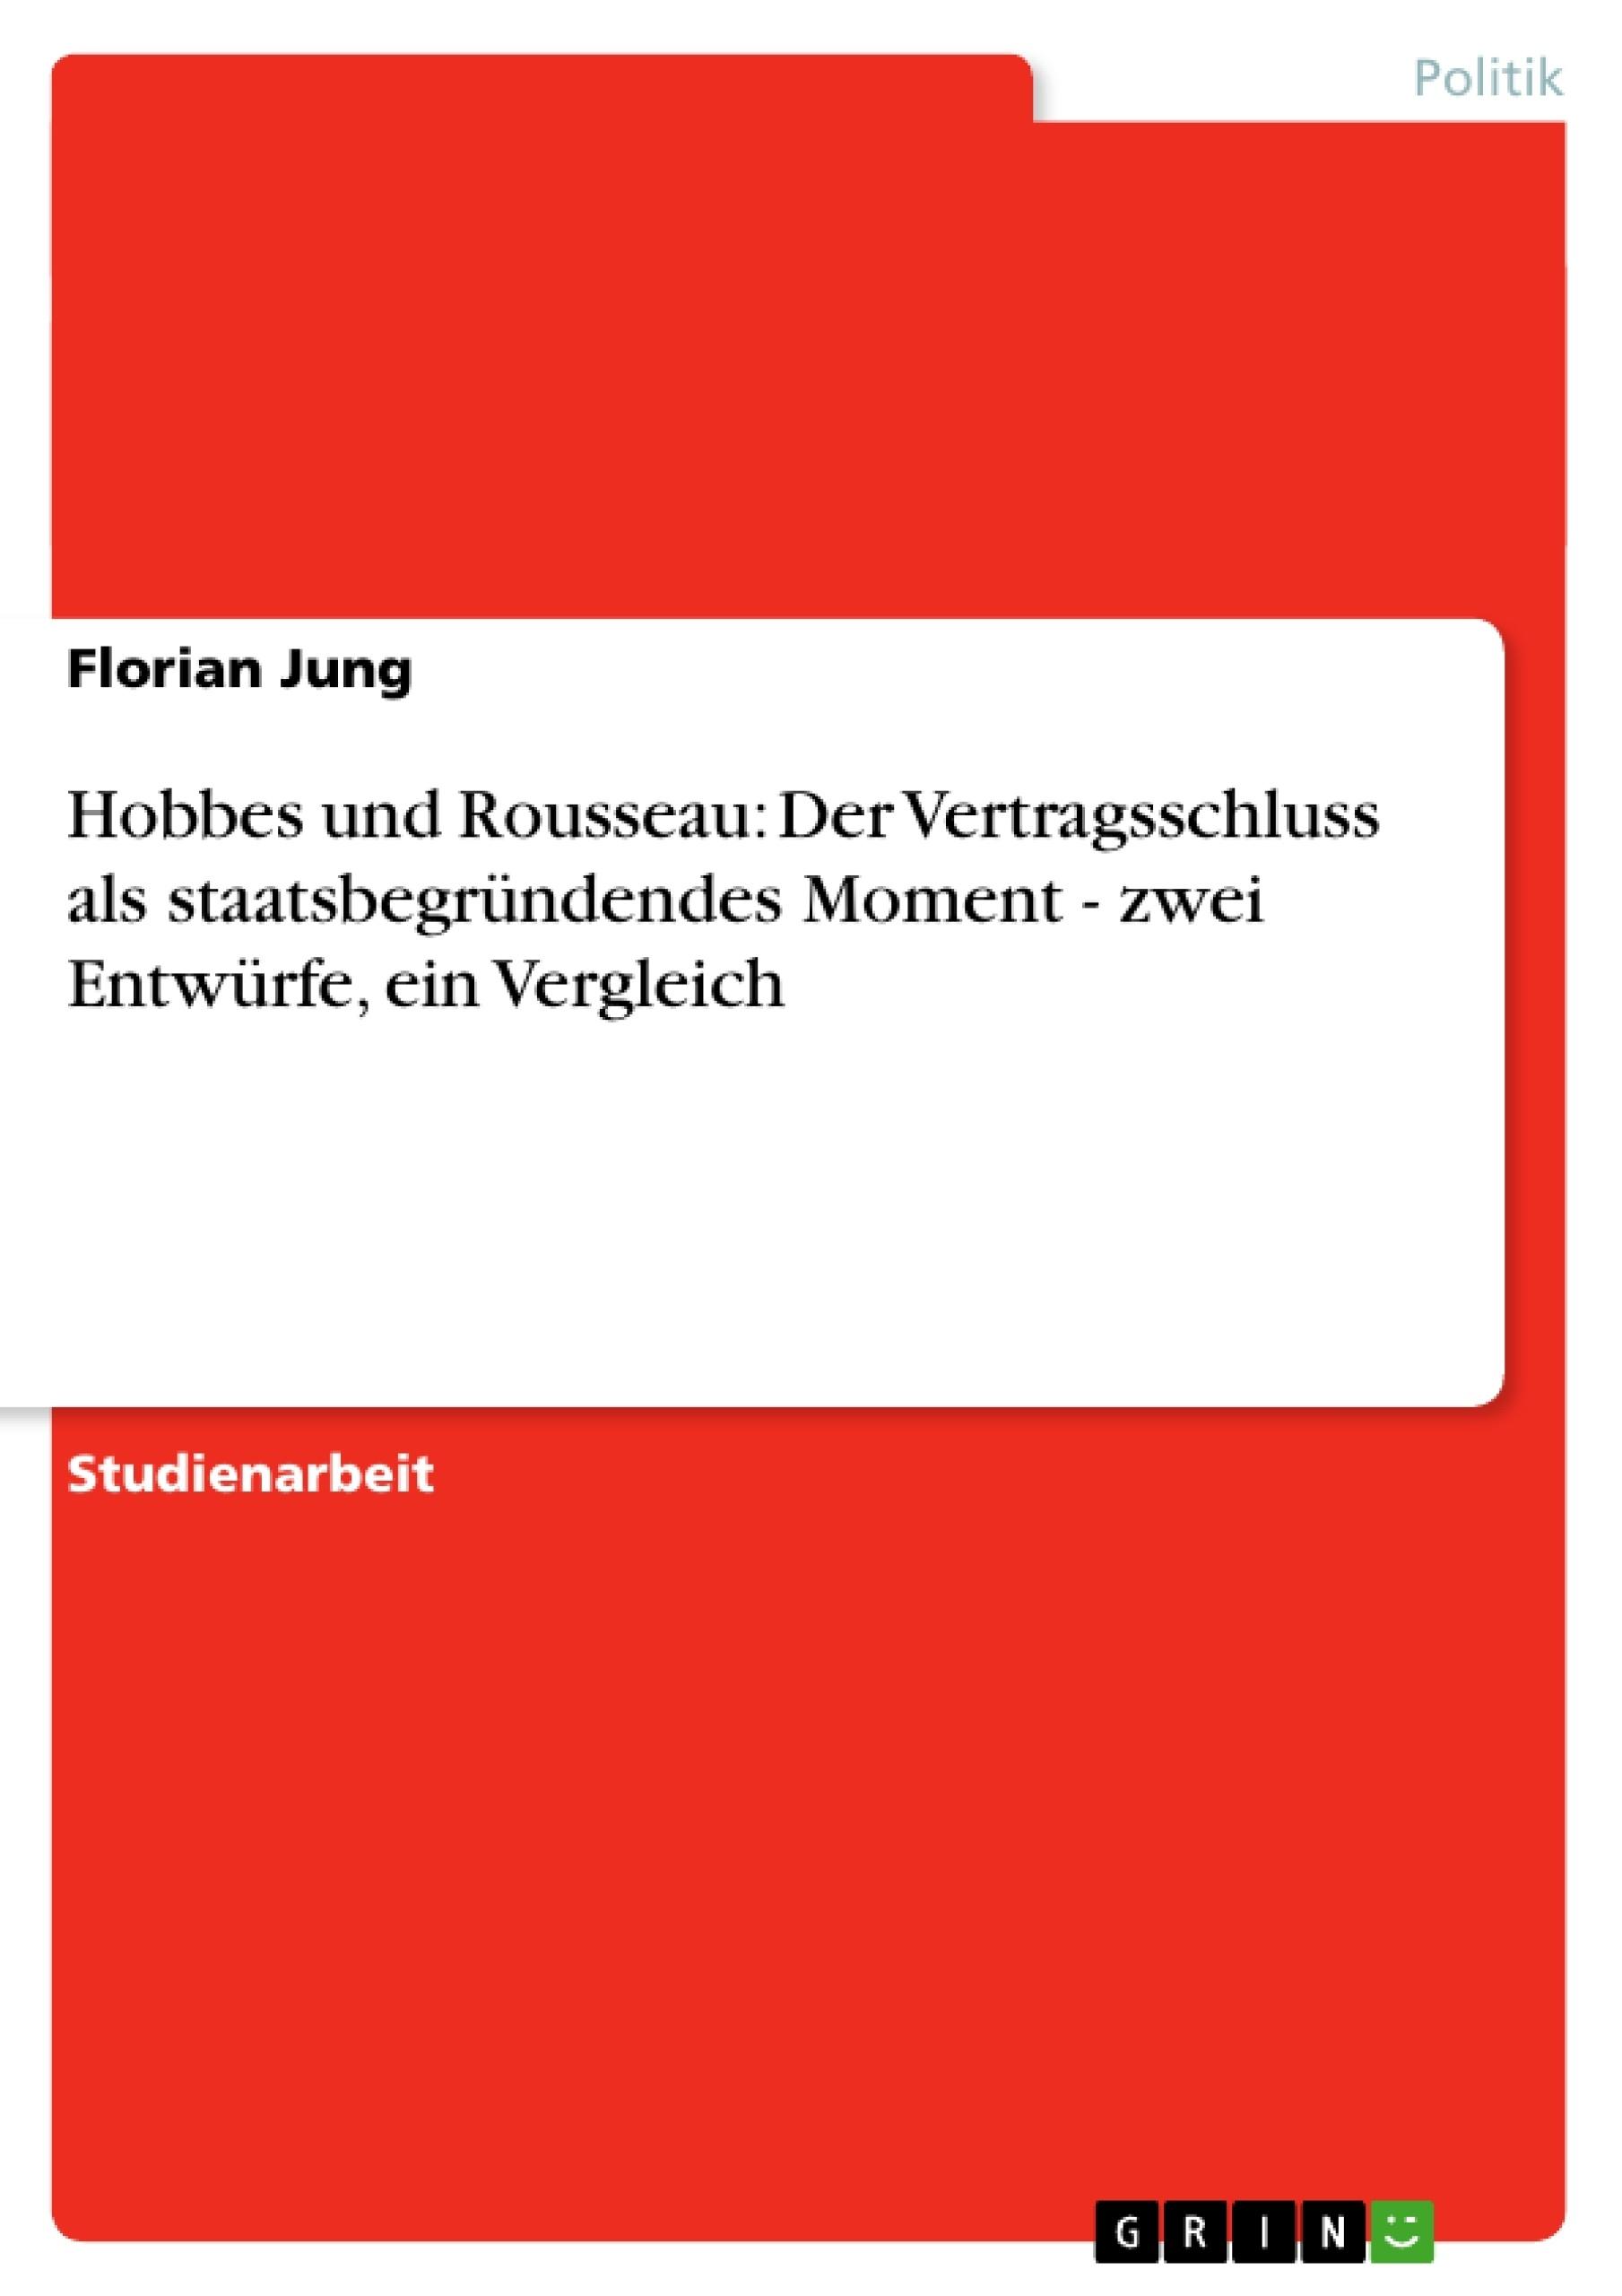 Titel: Hobbes und Rousseau: Der Vertragsschluss als staatsbegründendes Moment - zwei Entwürfe, ein Vergleich